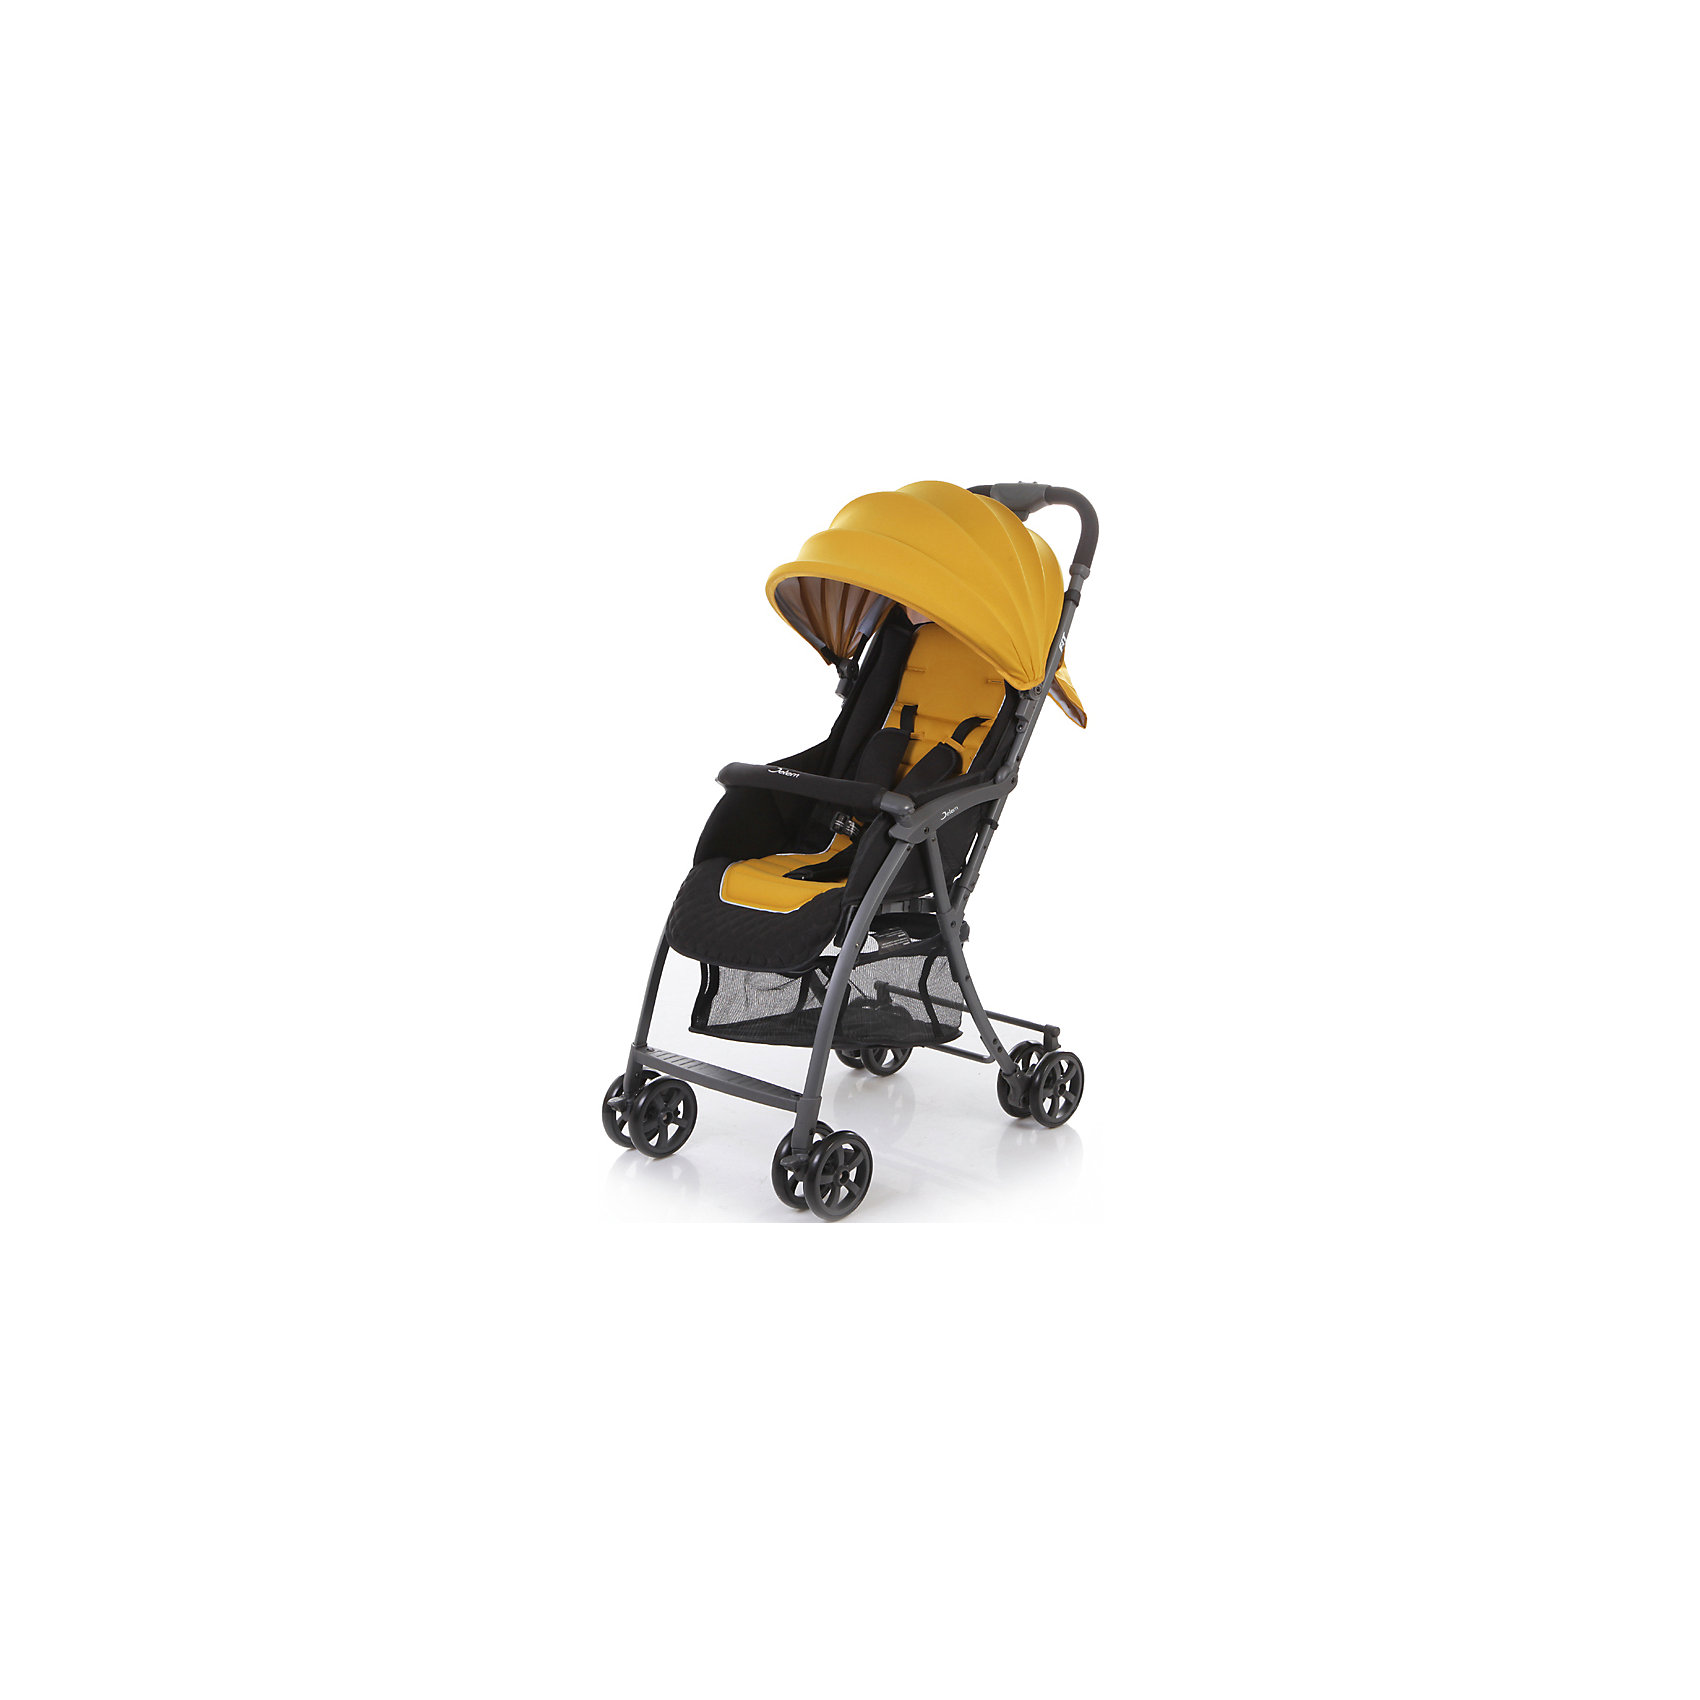 Прогулочная коляска  Fit, Jetem, тёмно-желтый